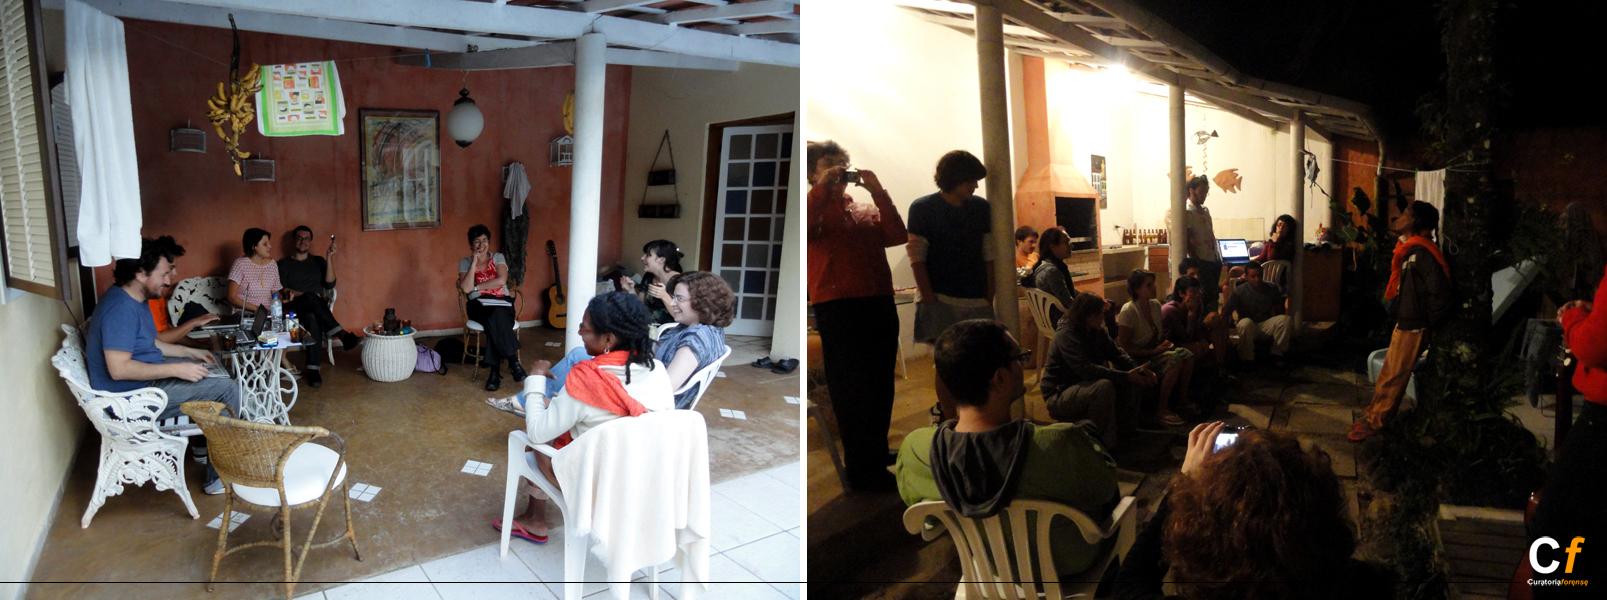 Visita de Ana Tomé, Soleida Ríos y Marcio Harum